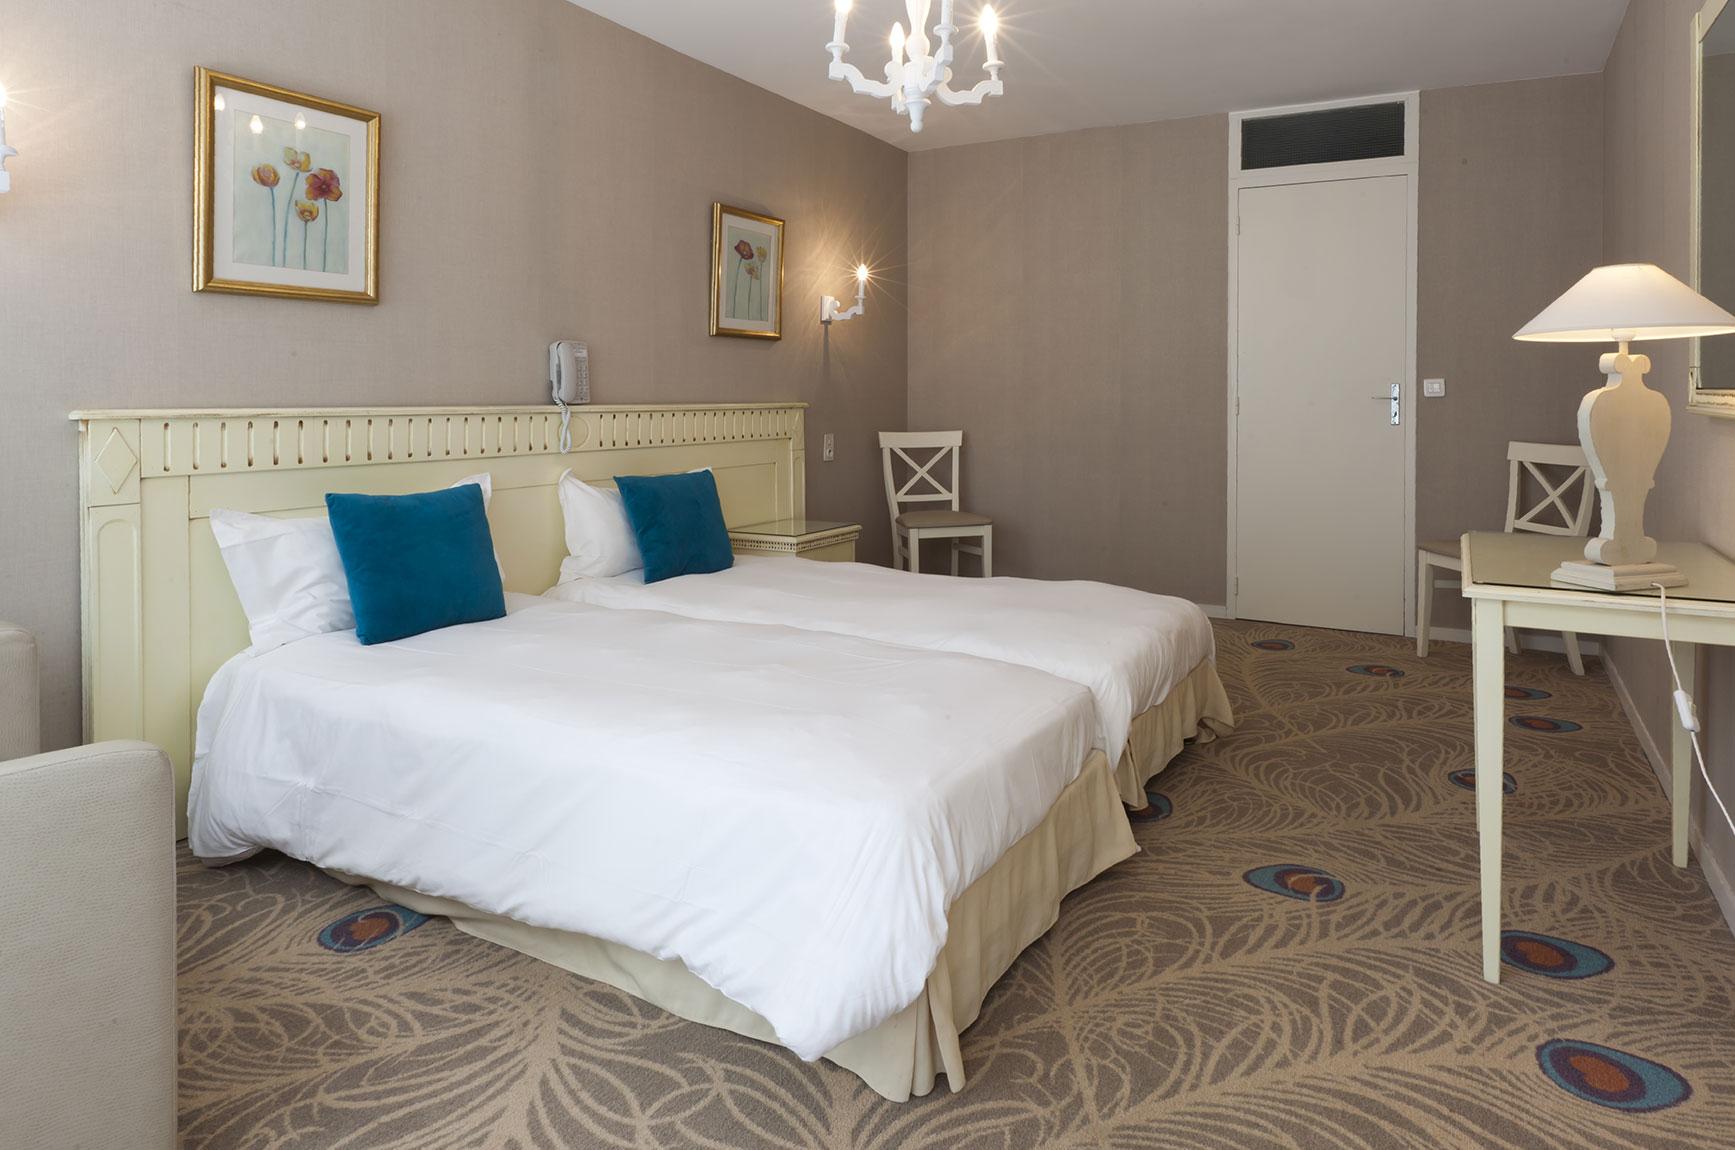 Camera da letto con 2 letti singoli h tel du parc for Capanna con 2 camere da letto